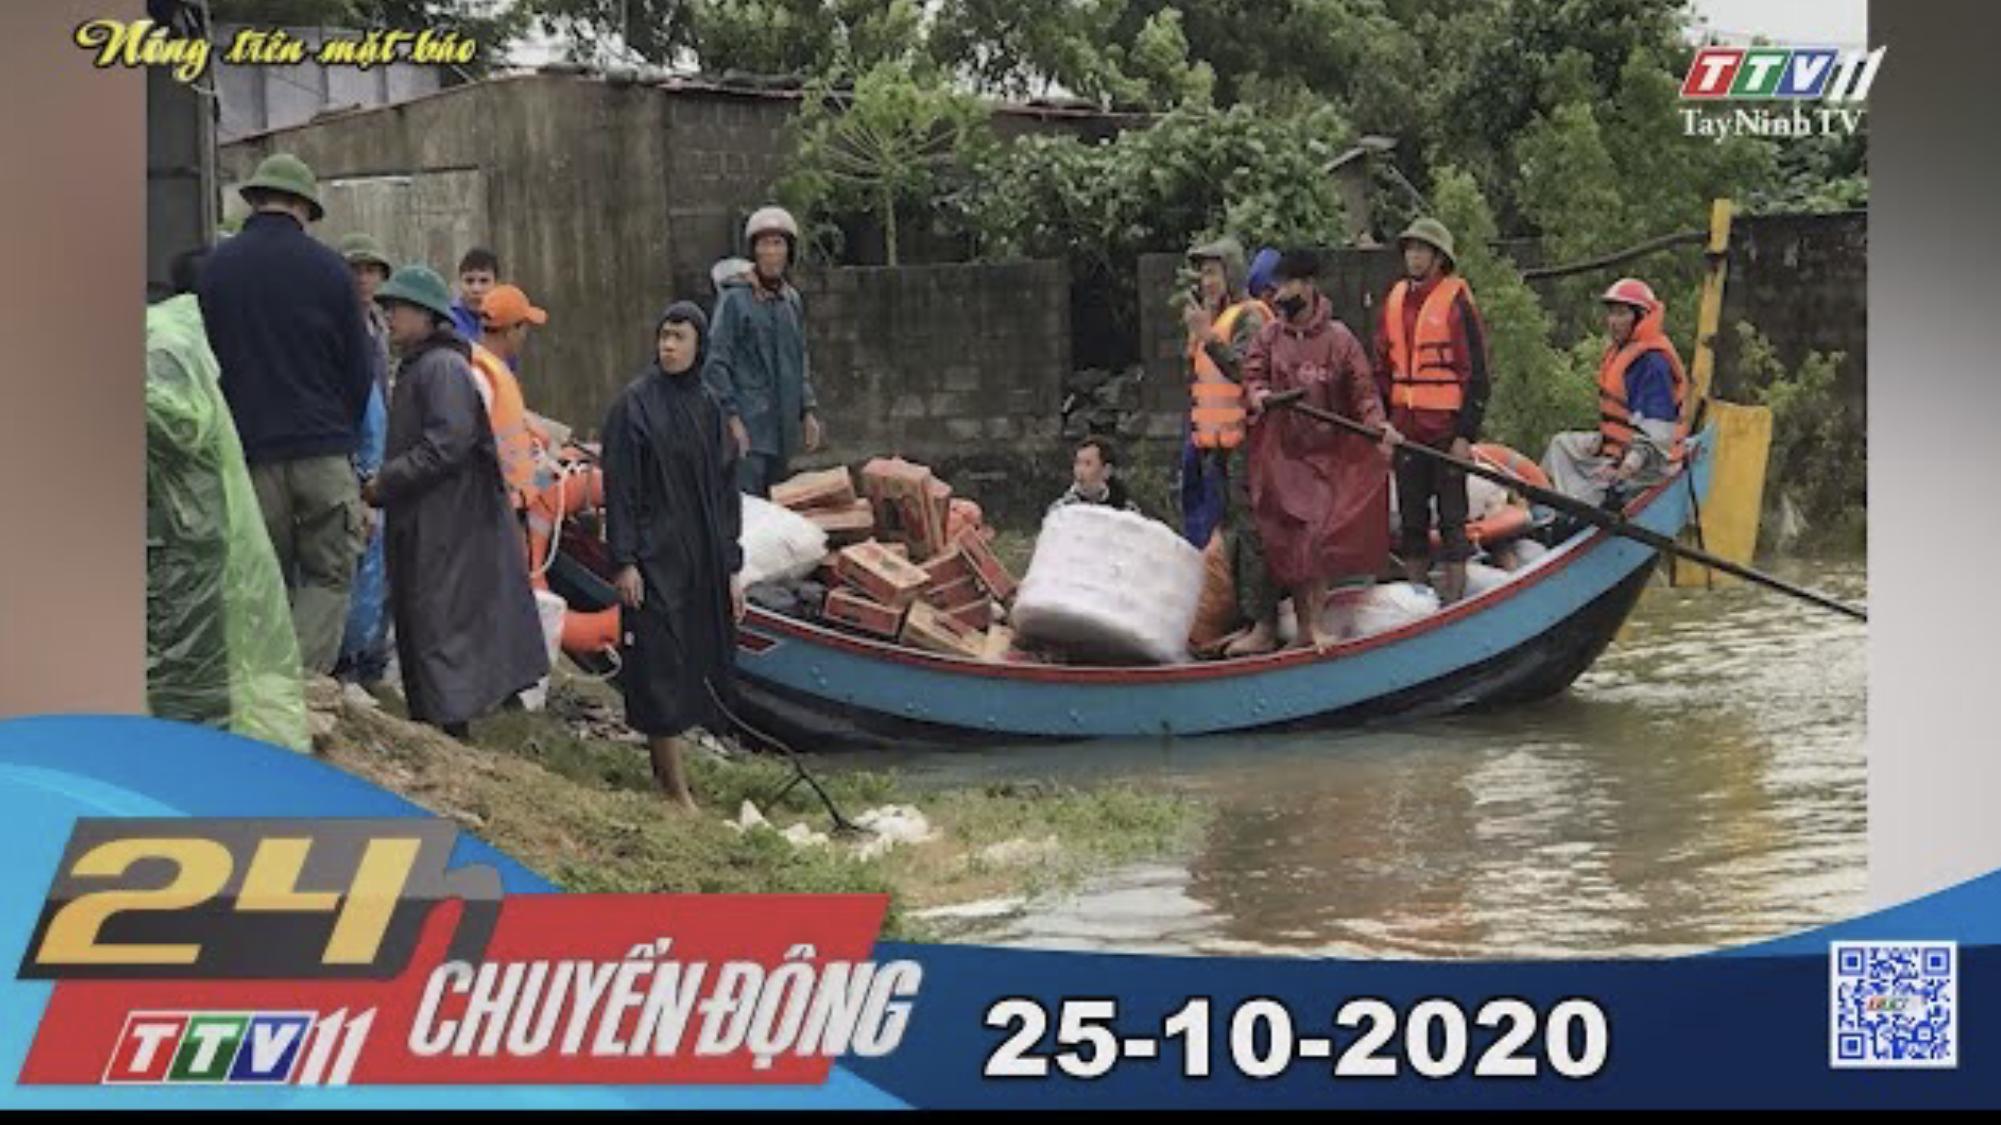 24h Chuyển động 25-10-2020 | Tin tức hôm nay | TayNinhTV